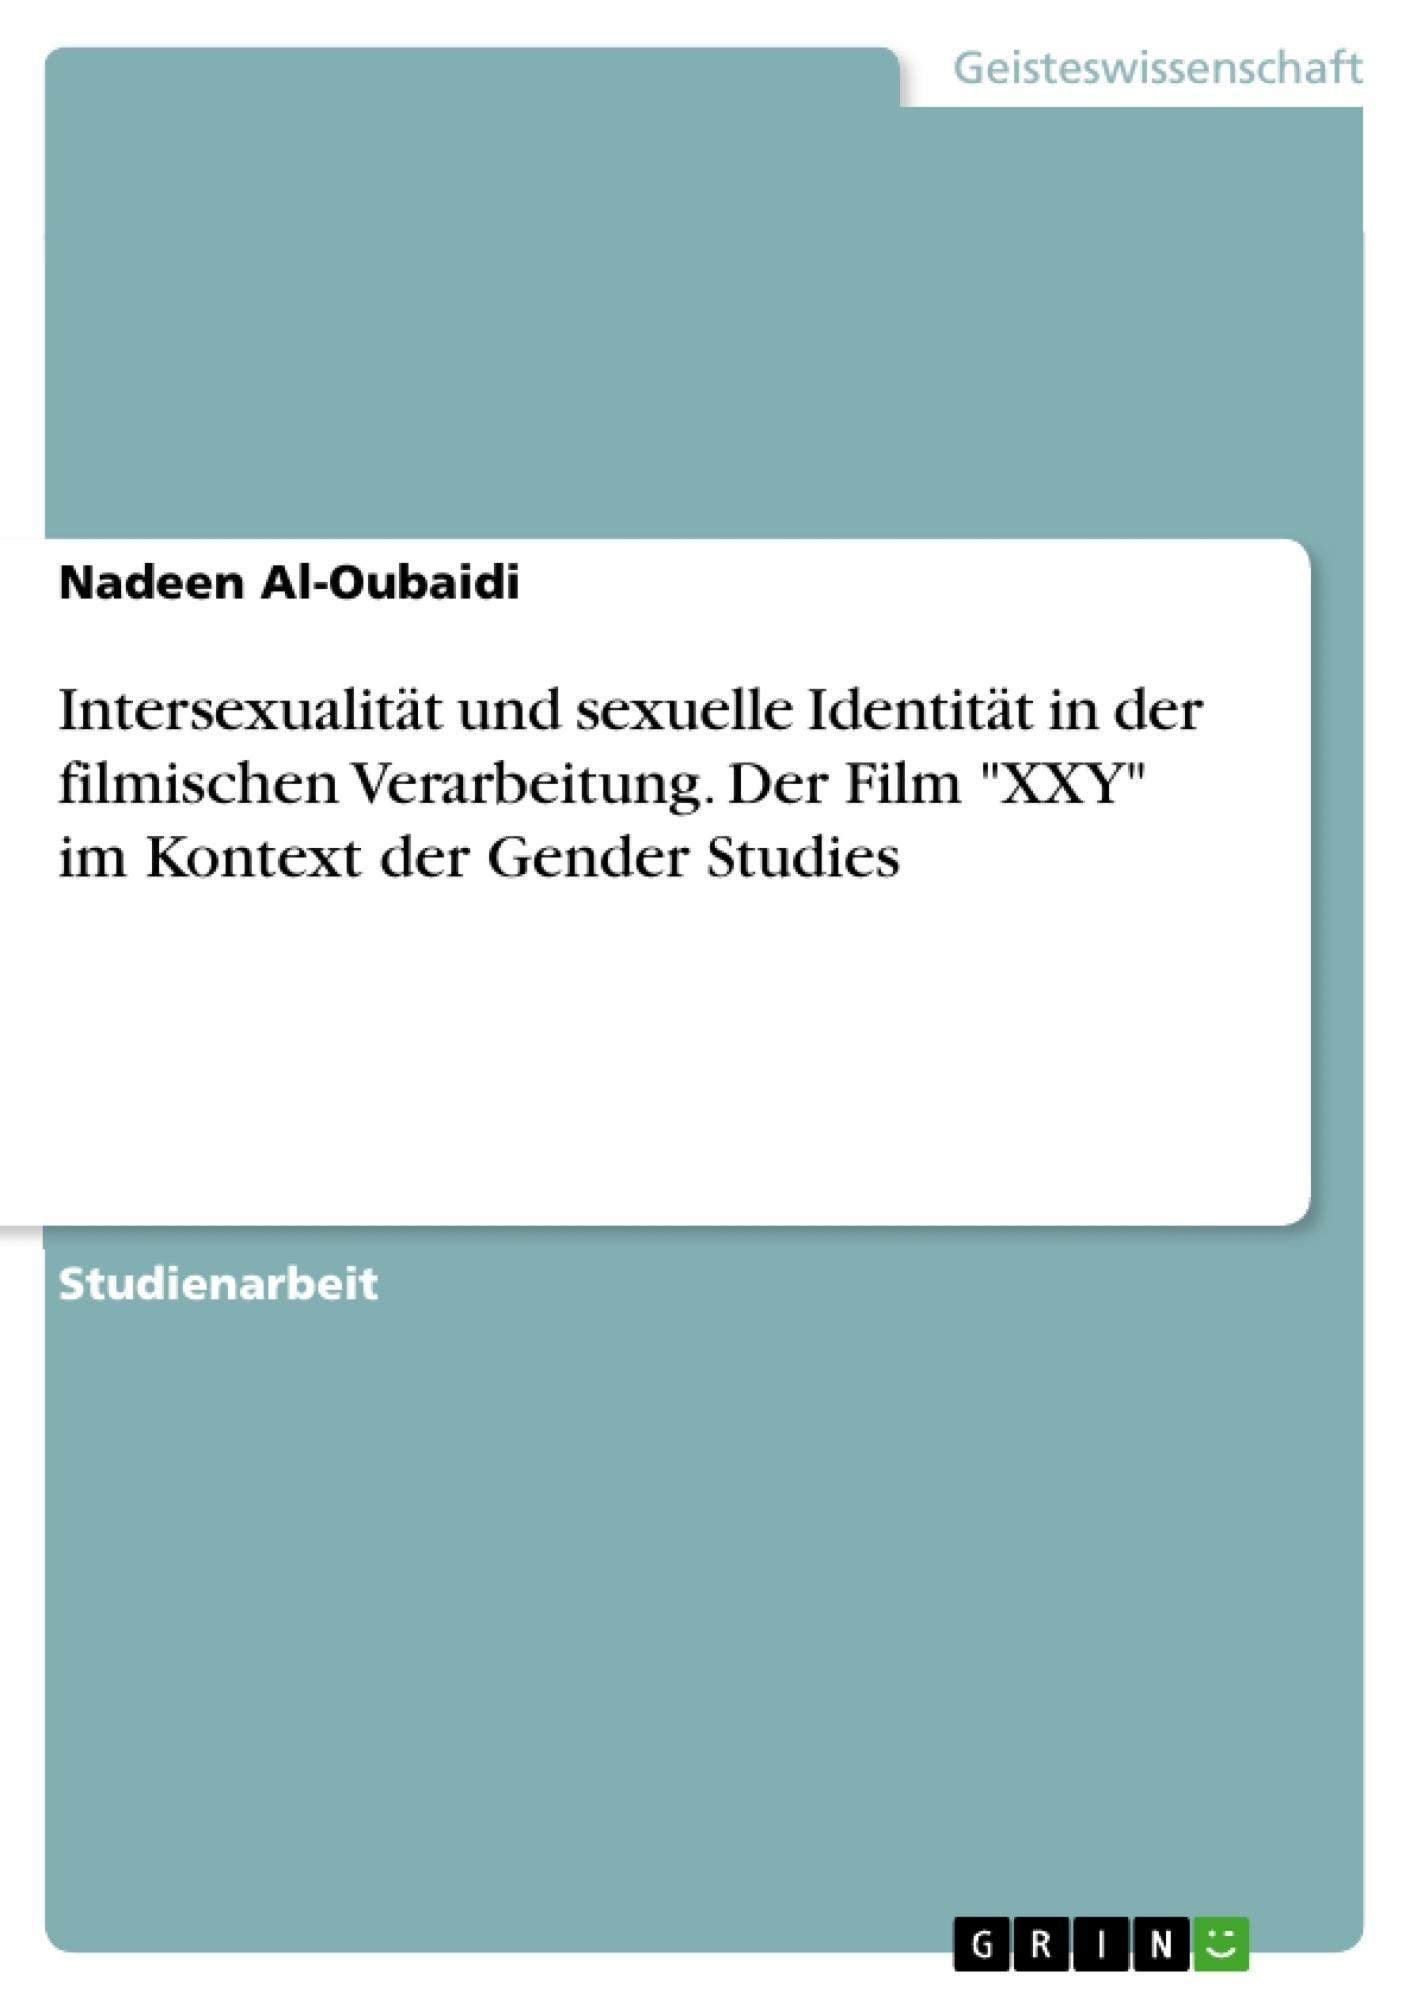 """Titel: Intersexualität und sexuelle Identität in der filmischen Verarbeitung. Der Film """"XXY"""" im Kontext der Gender Studies"""